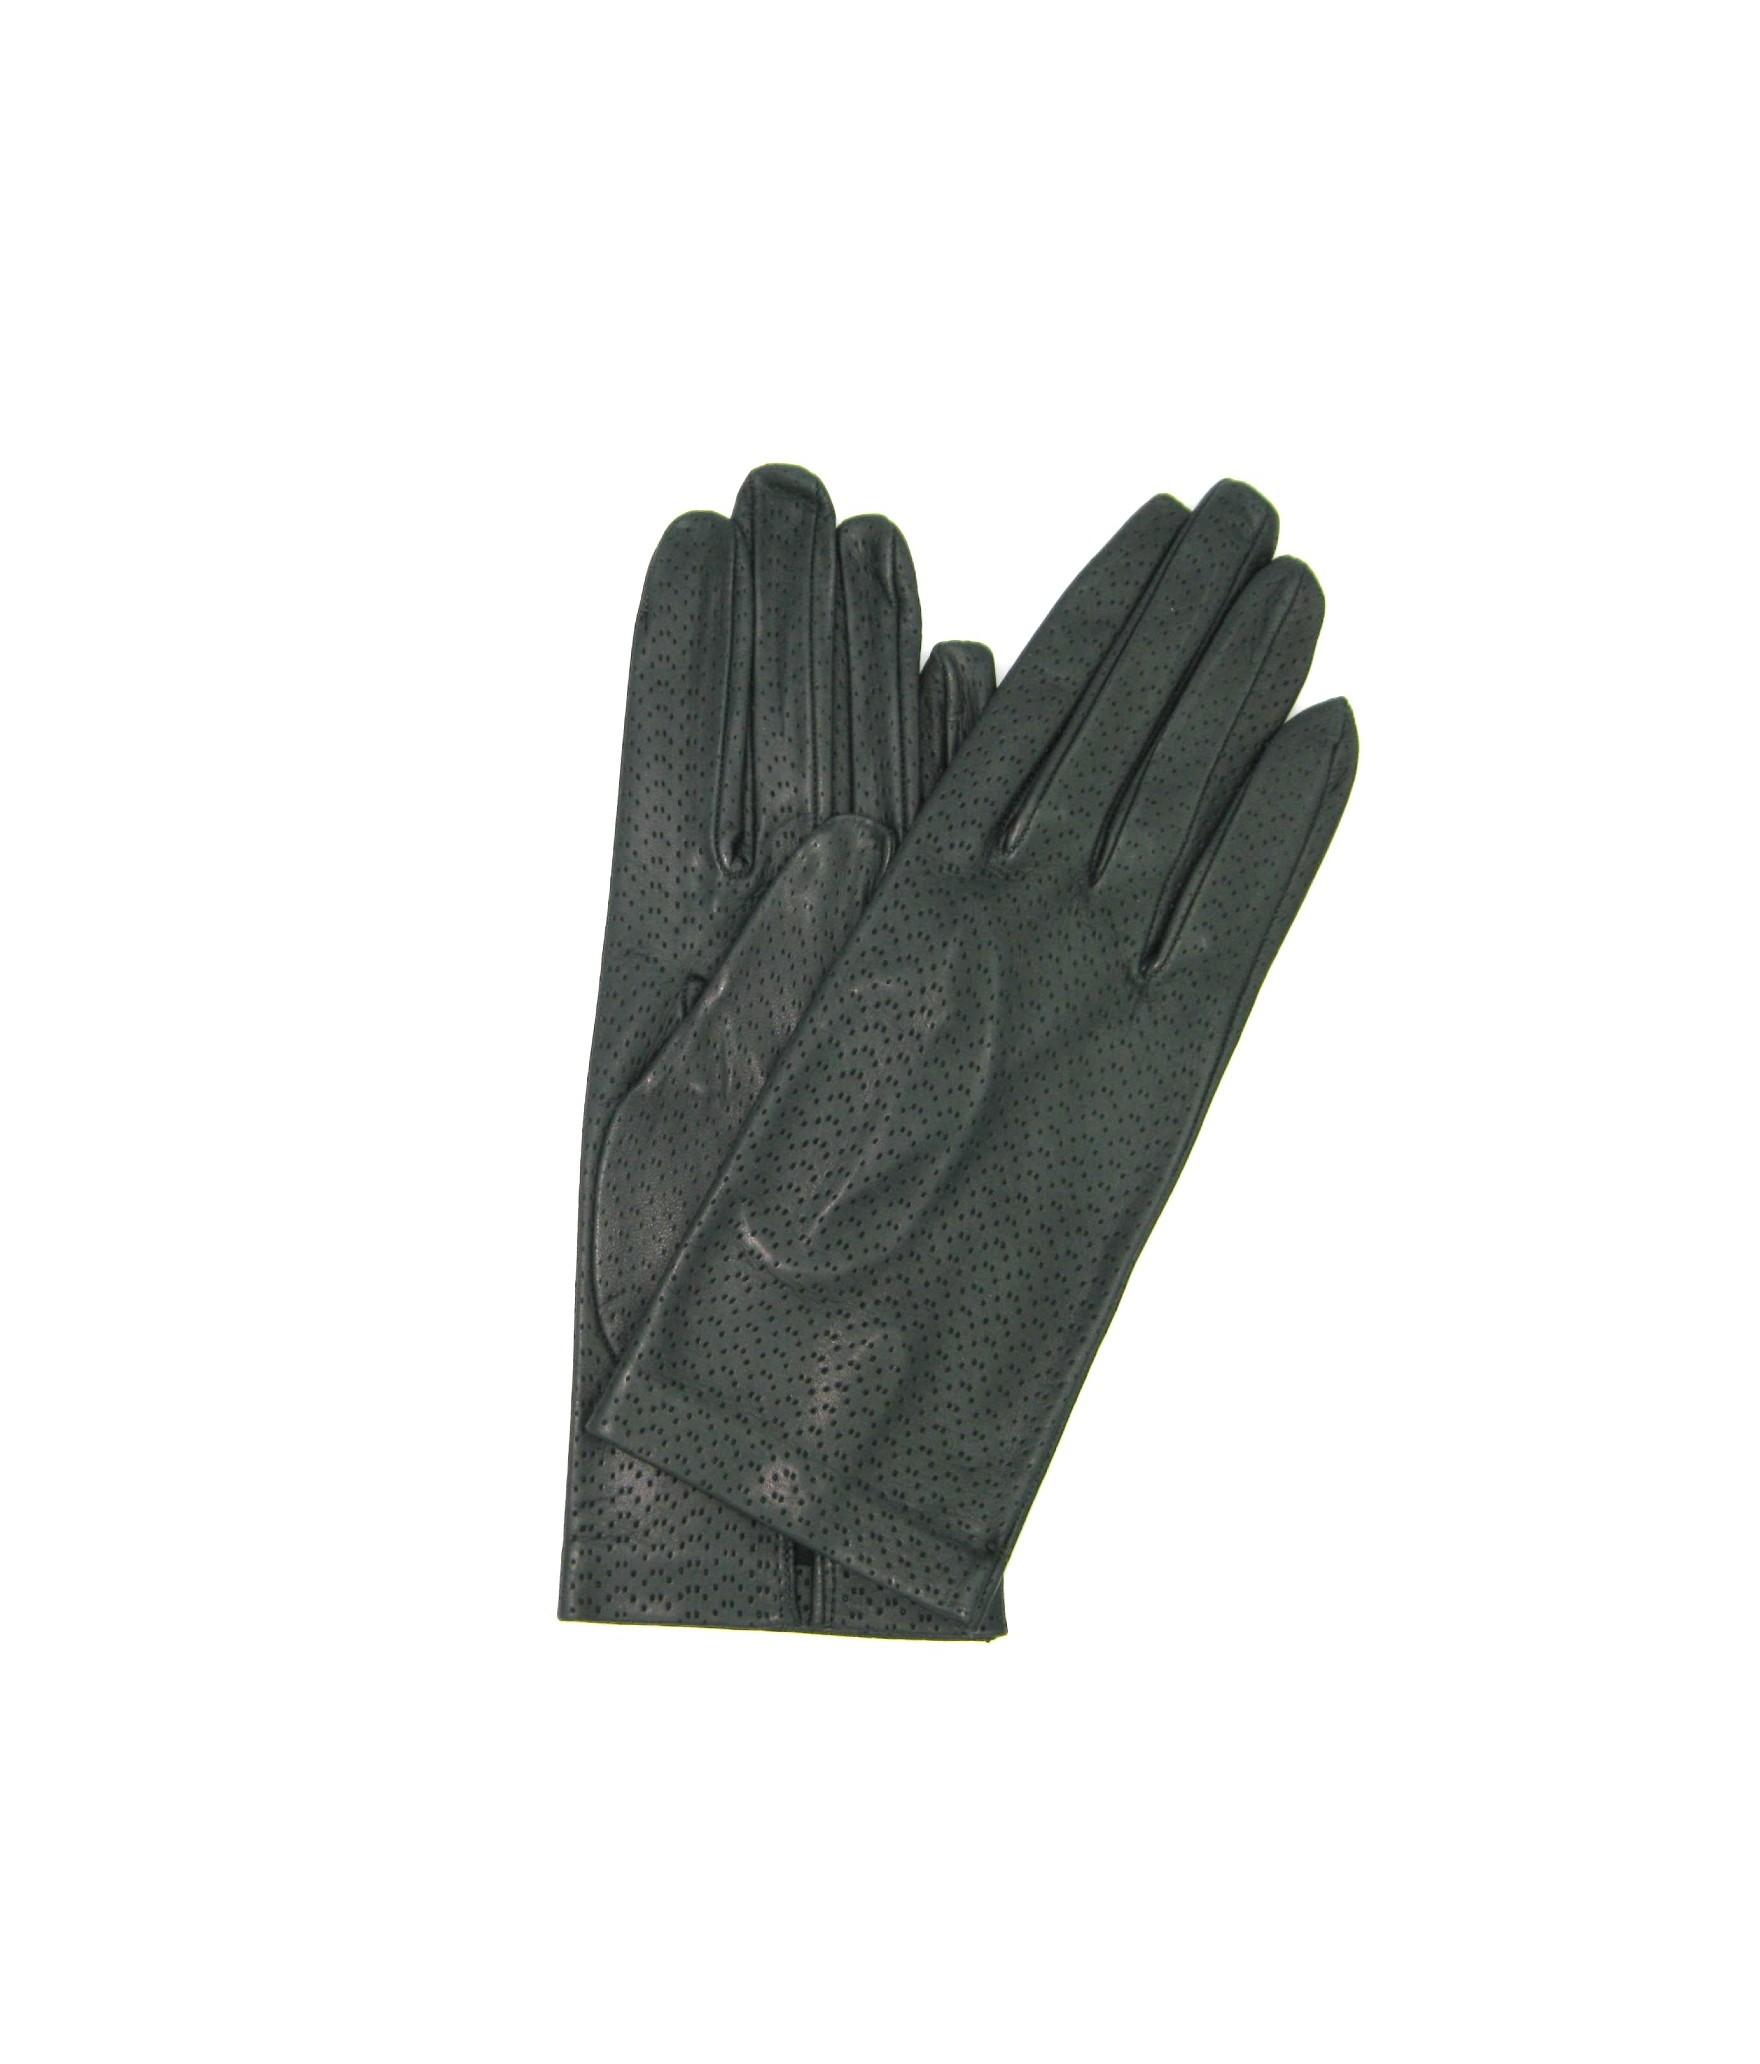 Guanto Nappa sfoderato Verde scuro Sermoneta Gloves Guanti in